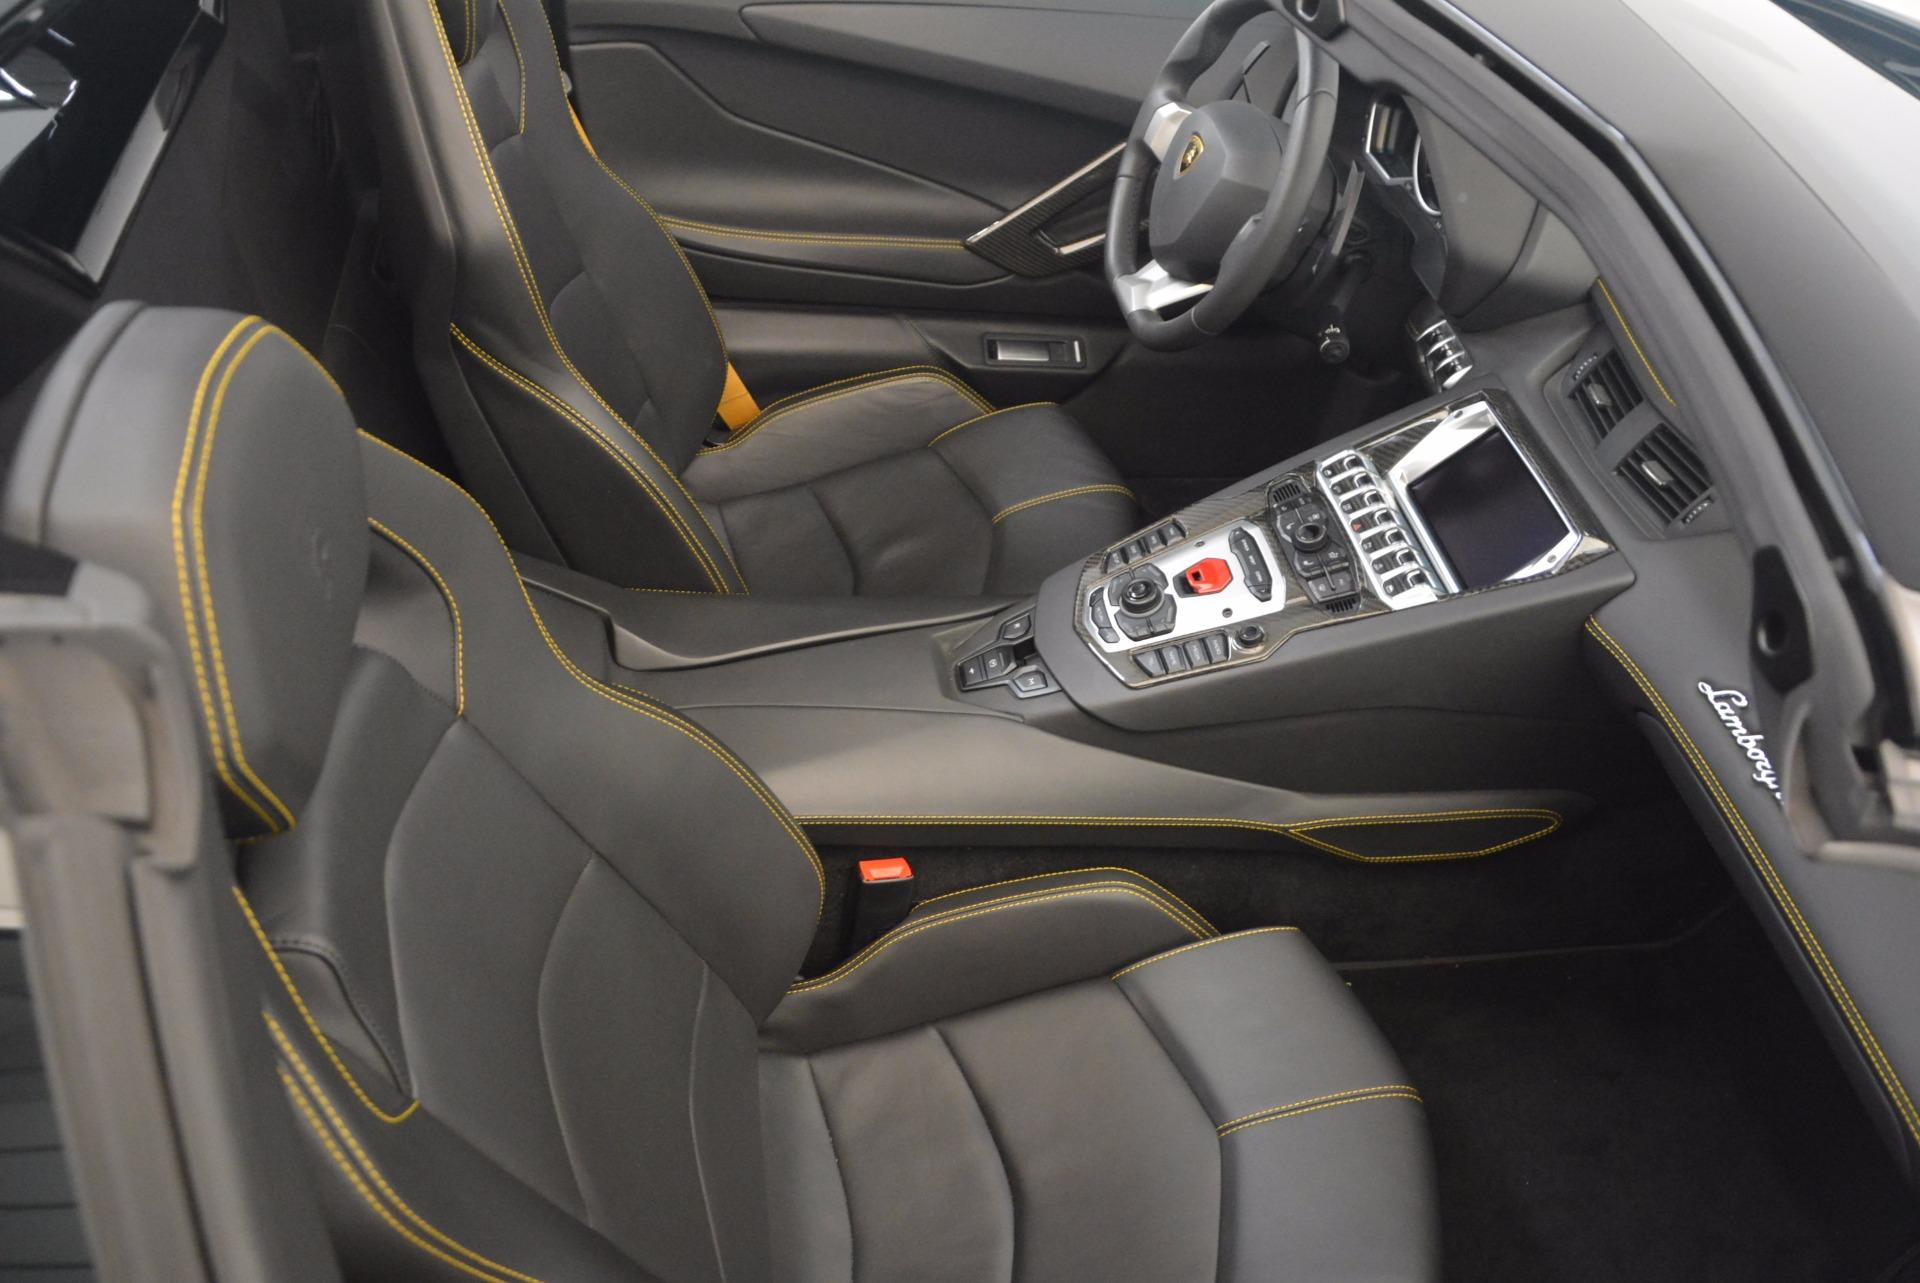 Used 2015 Lamborghini Aventador LP 700-4 For Sale In Greenwich, CT 1217_p28